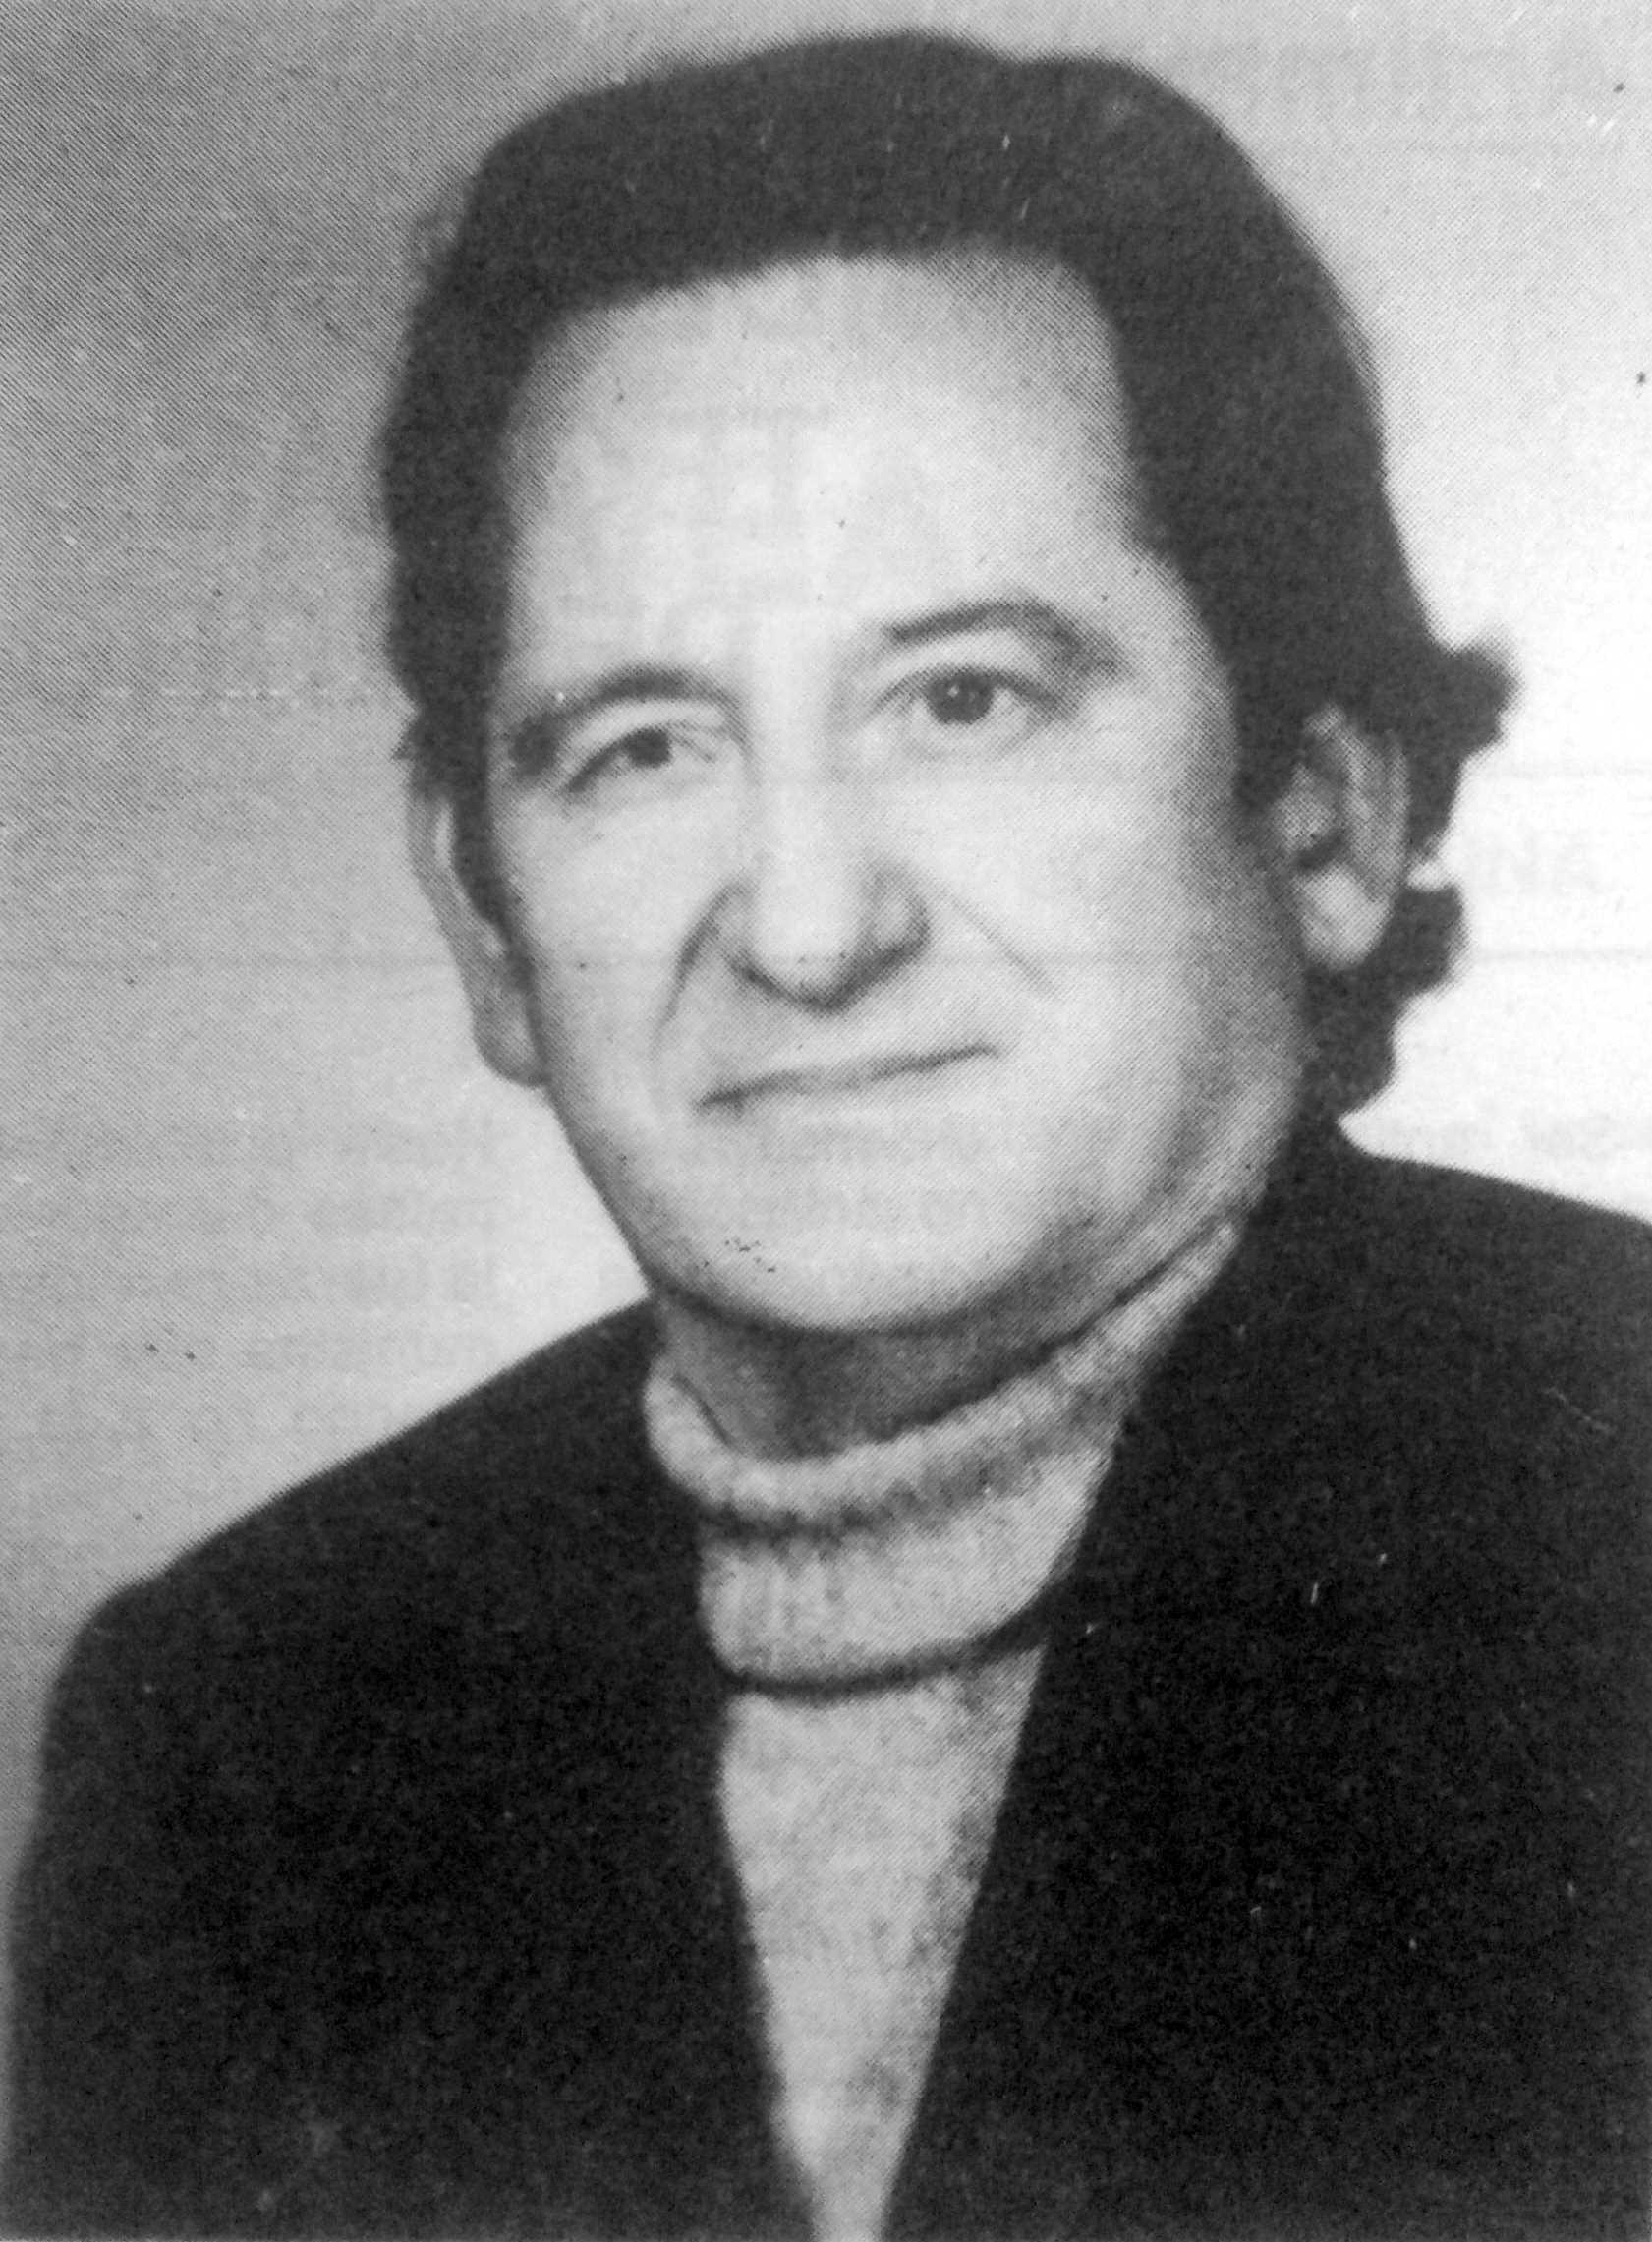 Fabián Moro Esteban